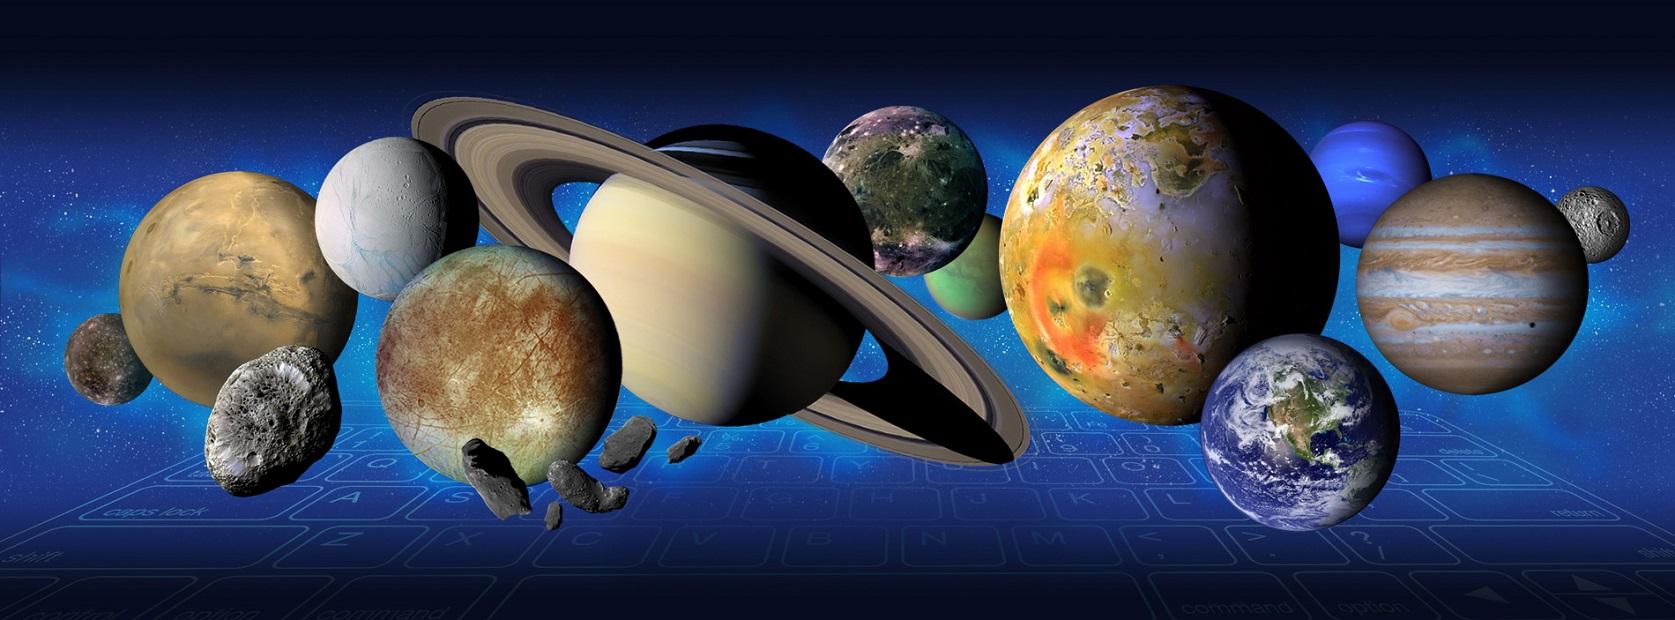 NASA - Bir Günlük Bilim İnsanı Makale Yarışması